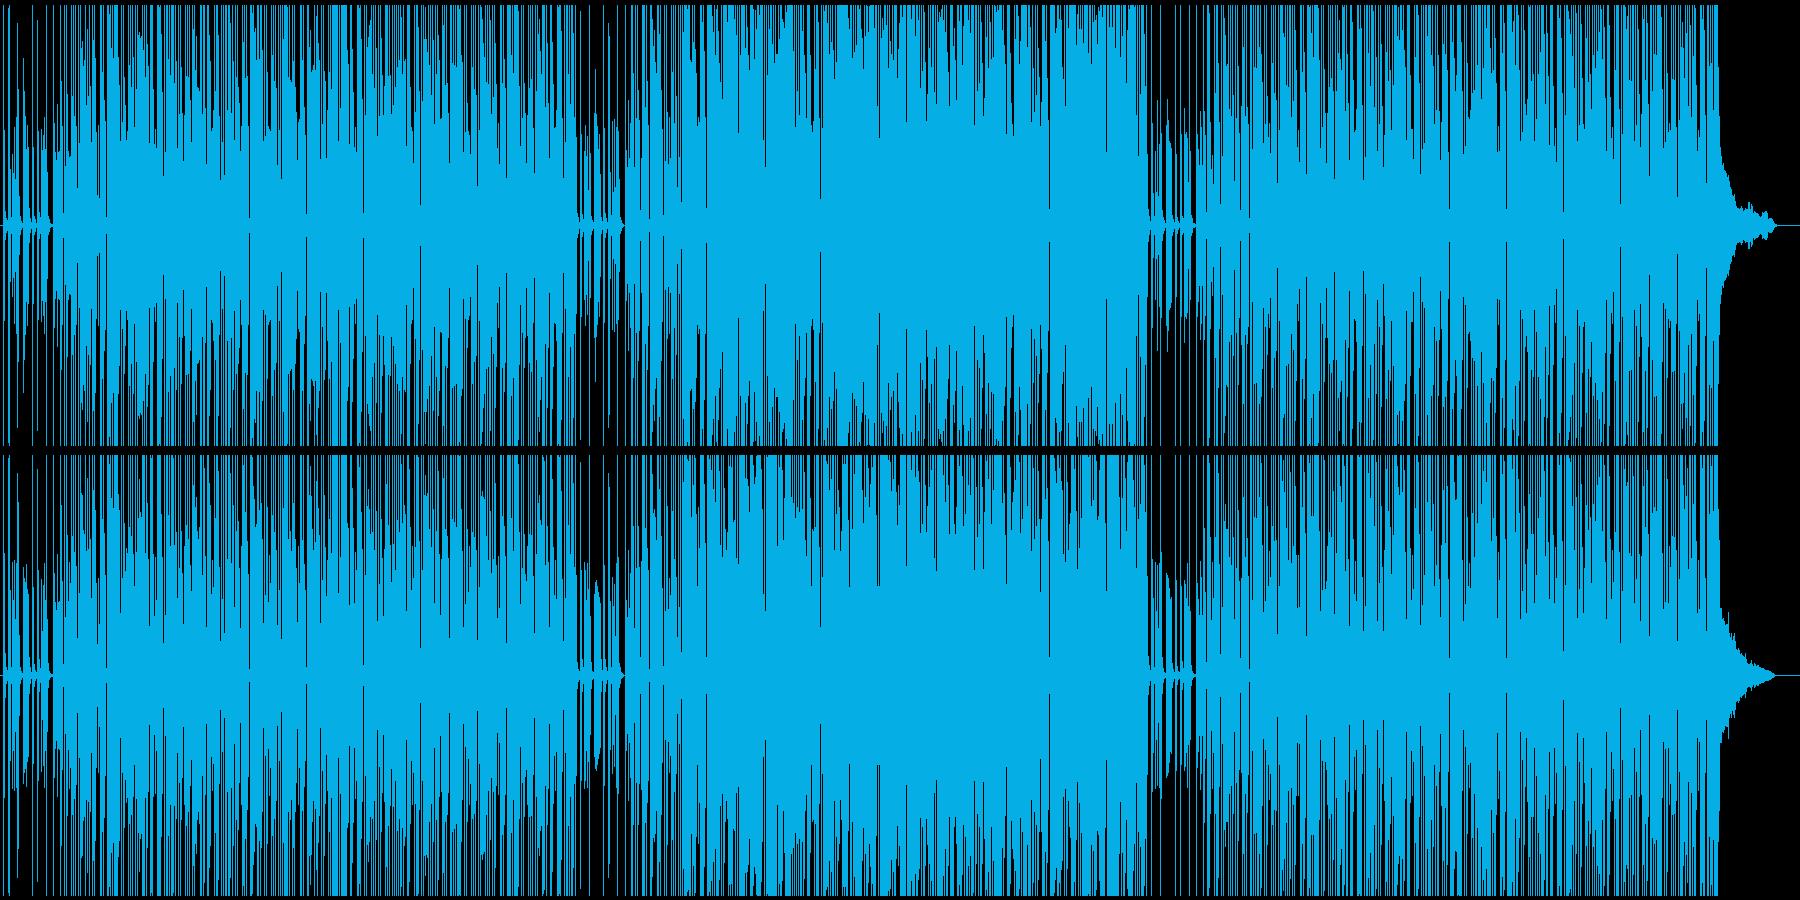 ハードボイルド調のユニゾンギターリフの再生済みの波形